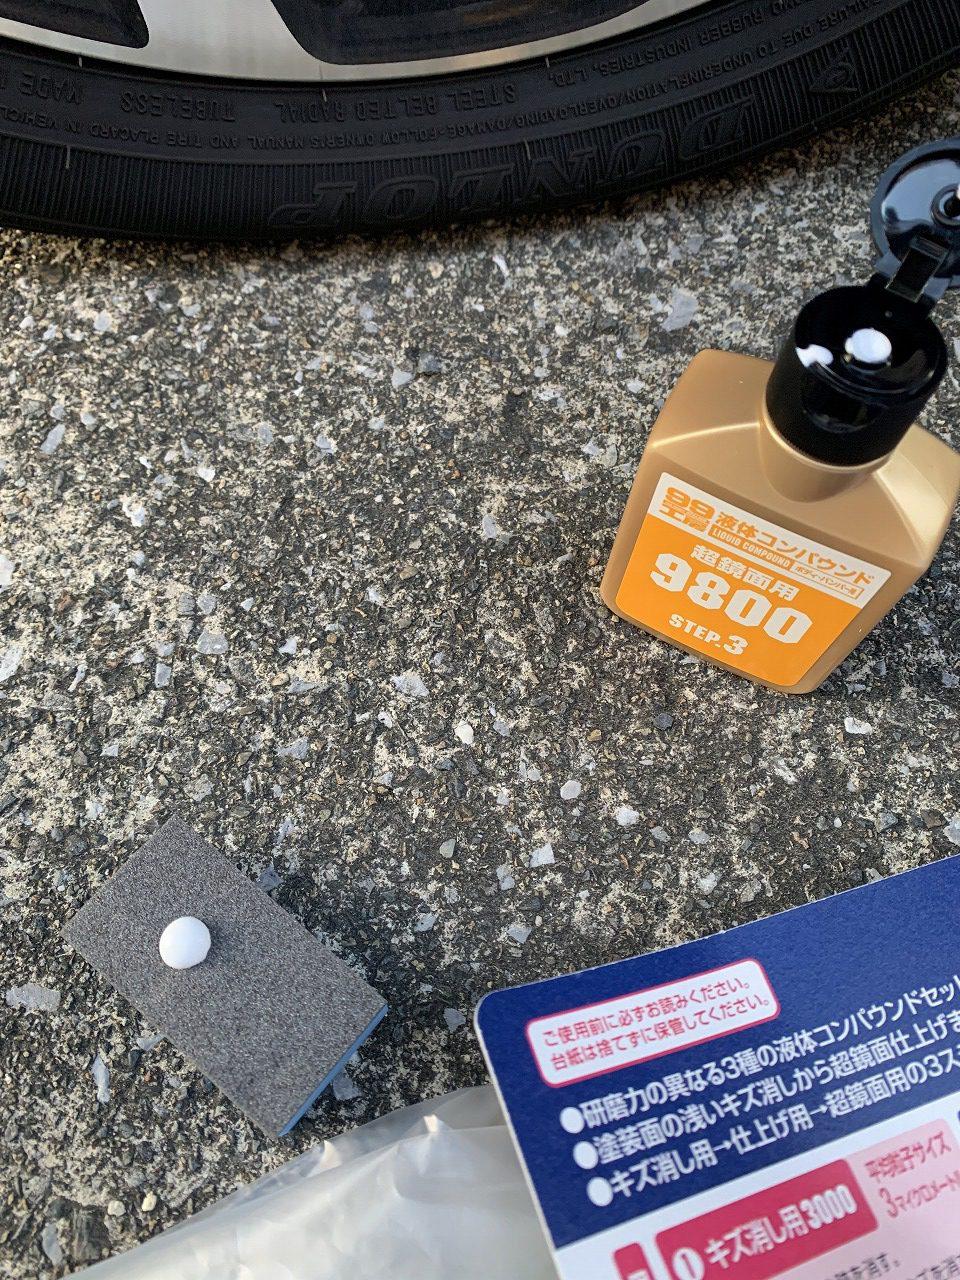 愛車N-BOXカスタムターボがドアパンチ被害のキズを液体コンパウンドで補修しました!【 ビフォーアフター】